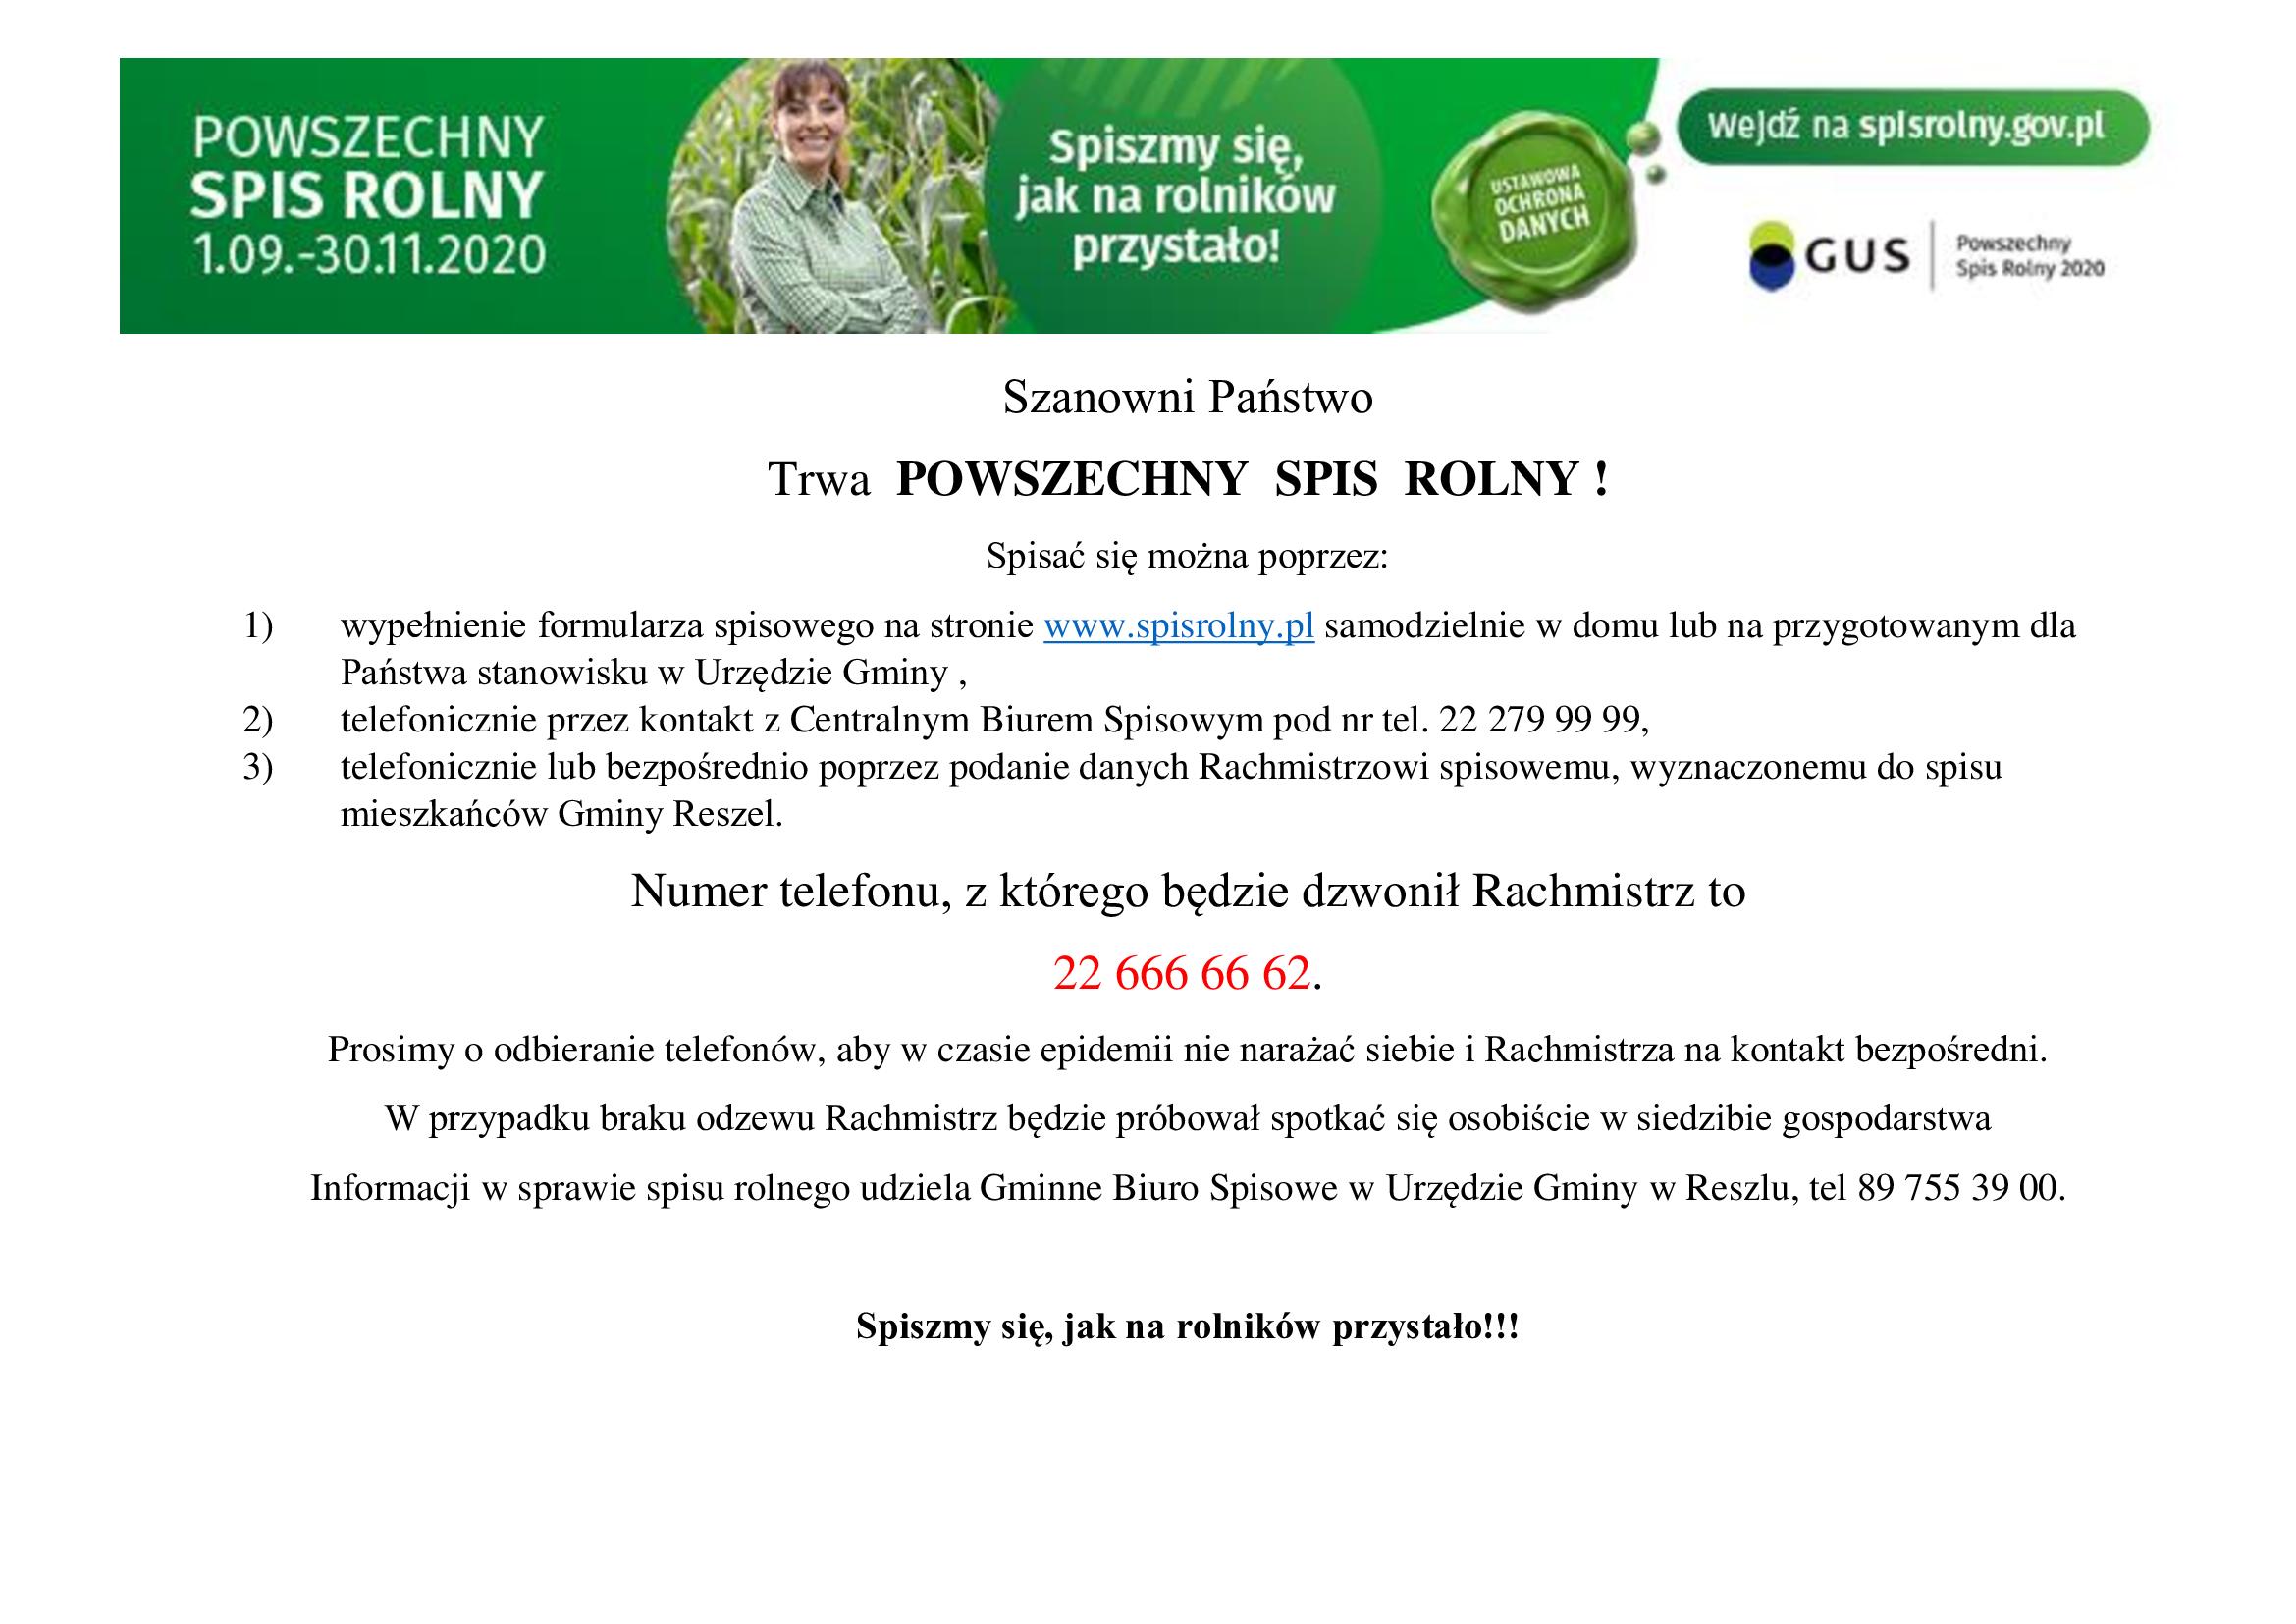 Ilustracja do informacji: Trwa POWSZECHNY SPIS ROLNY